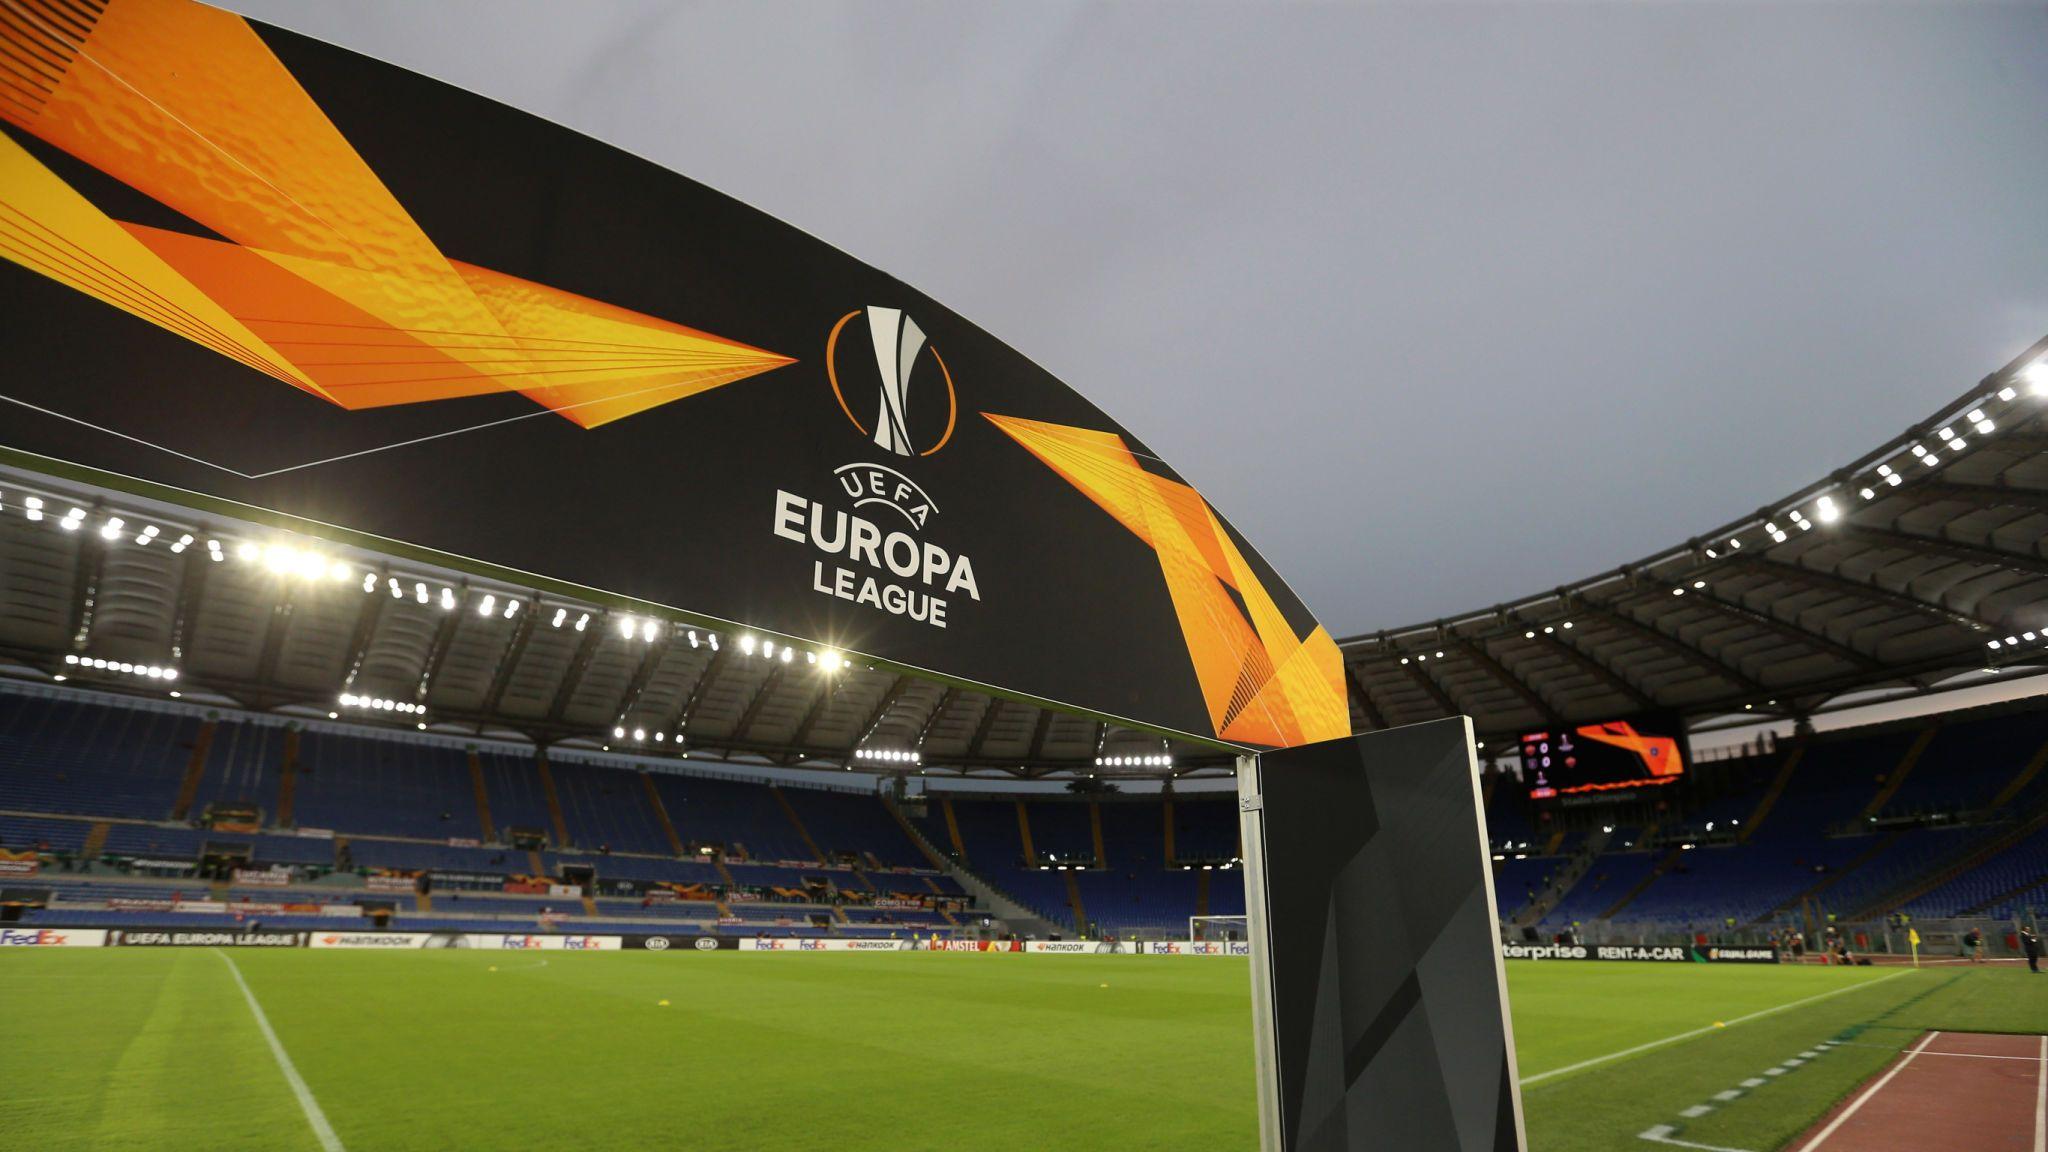 Եվրոպա լիգայի` շաբաթվա լավագույն ֆուտբոլիստի հավակնորդները